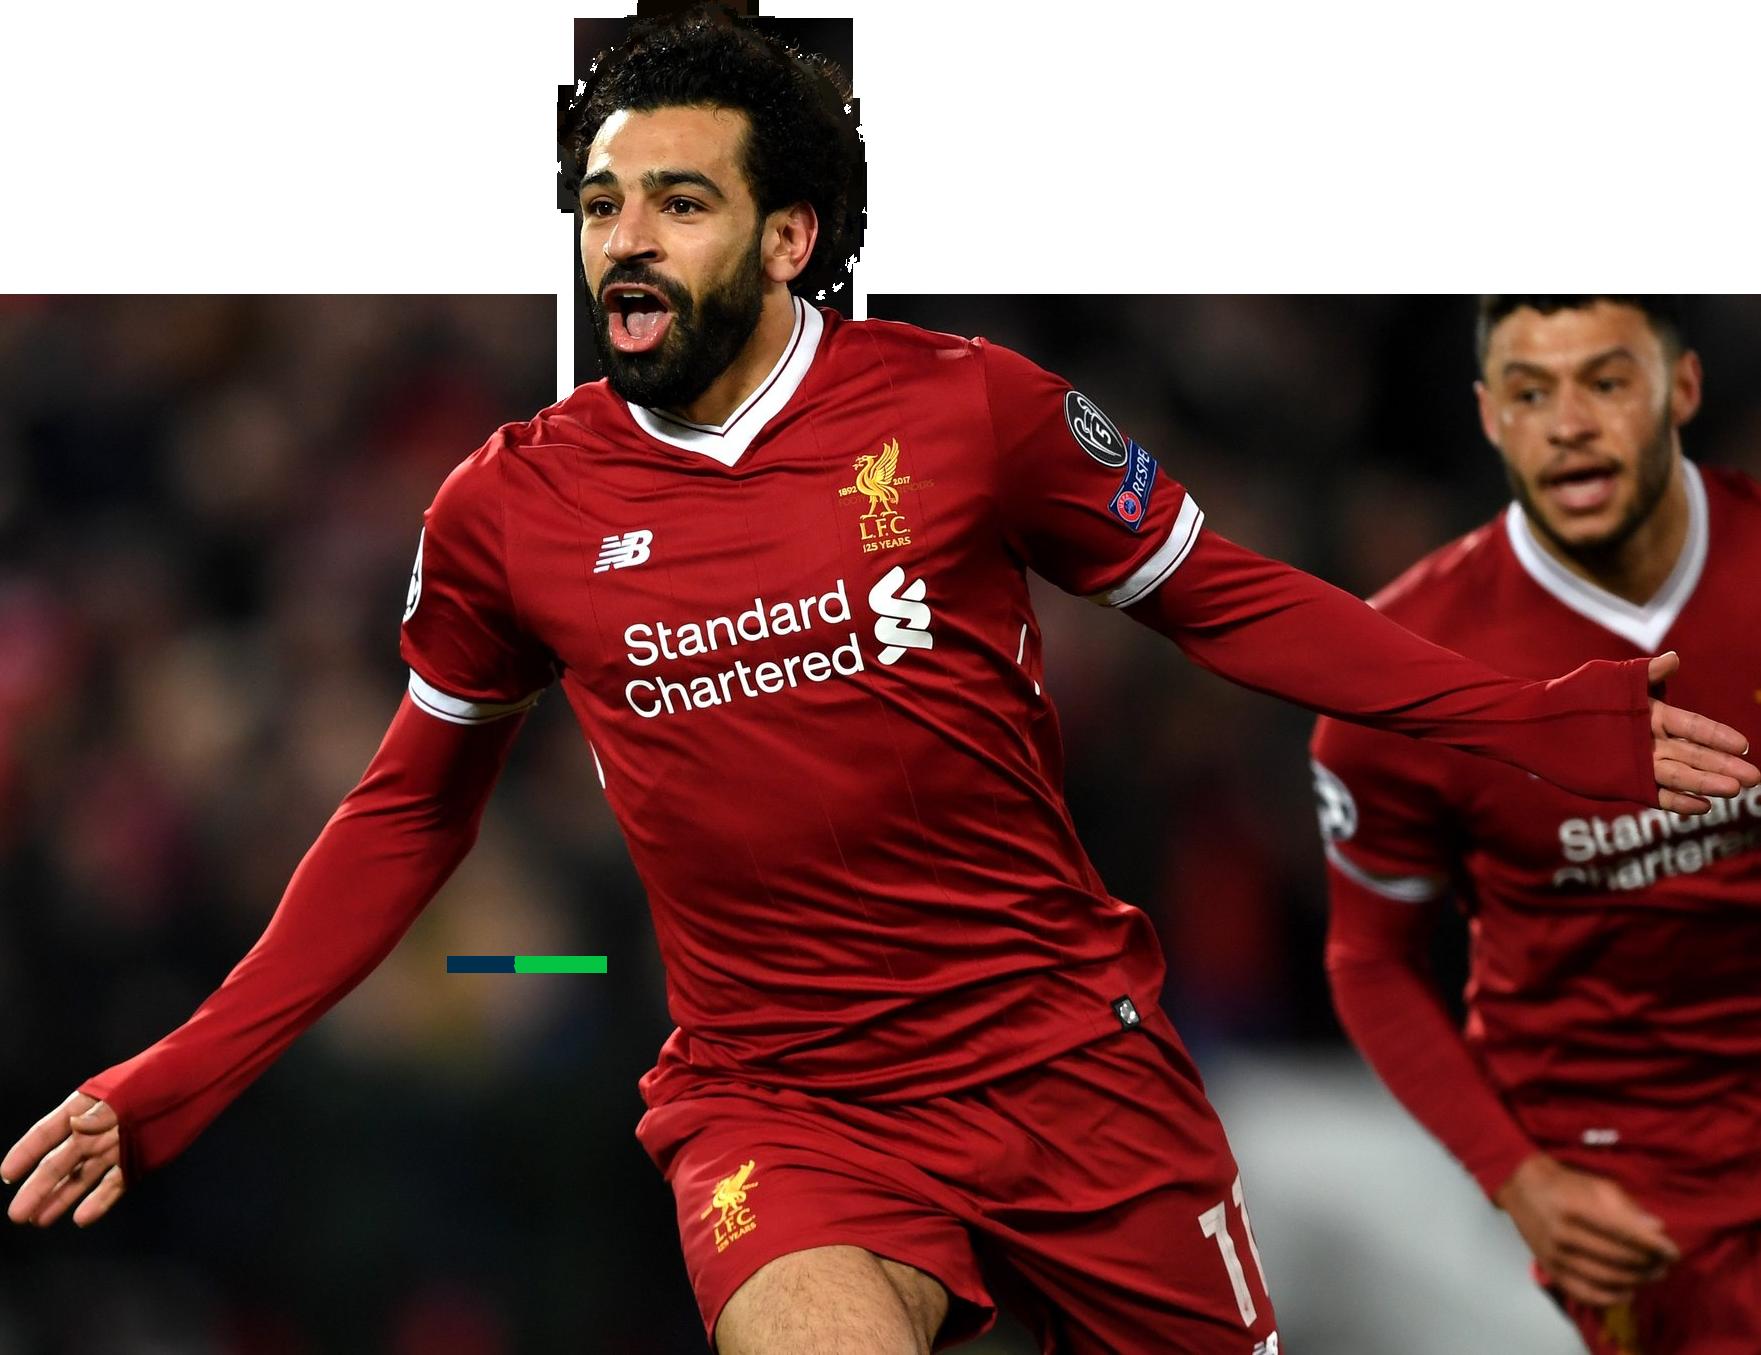 Mohamed Salah football render - 44848 - FootyRenders